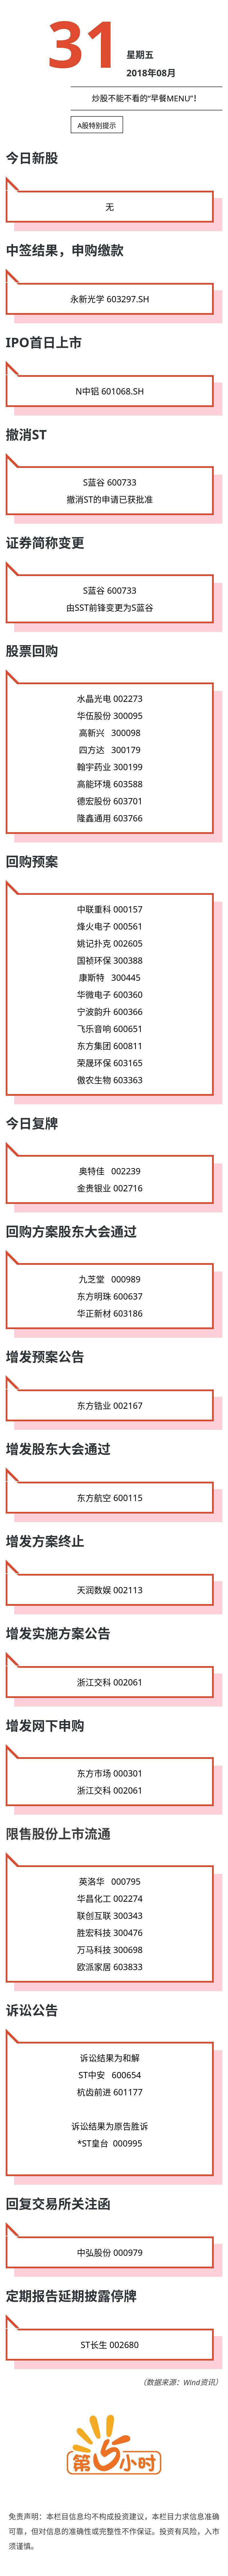 A股特别提示(2018-08-31).jpg